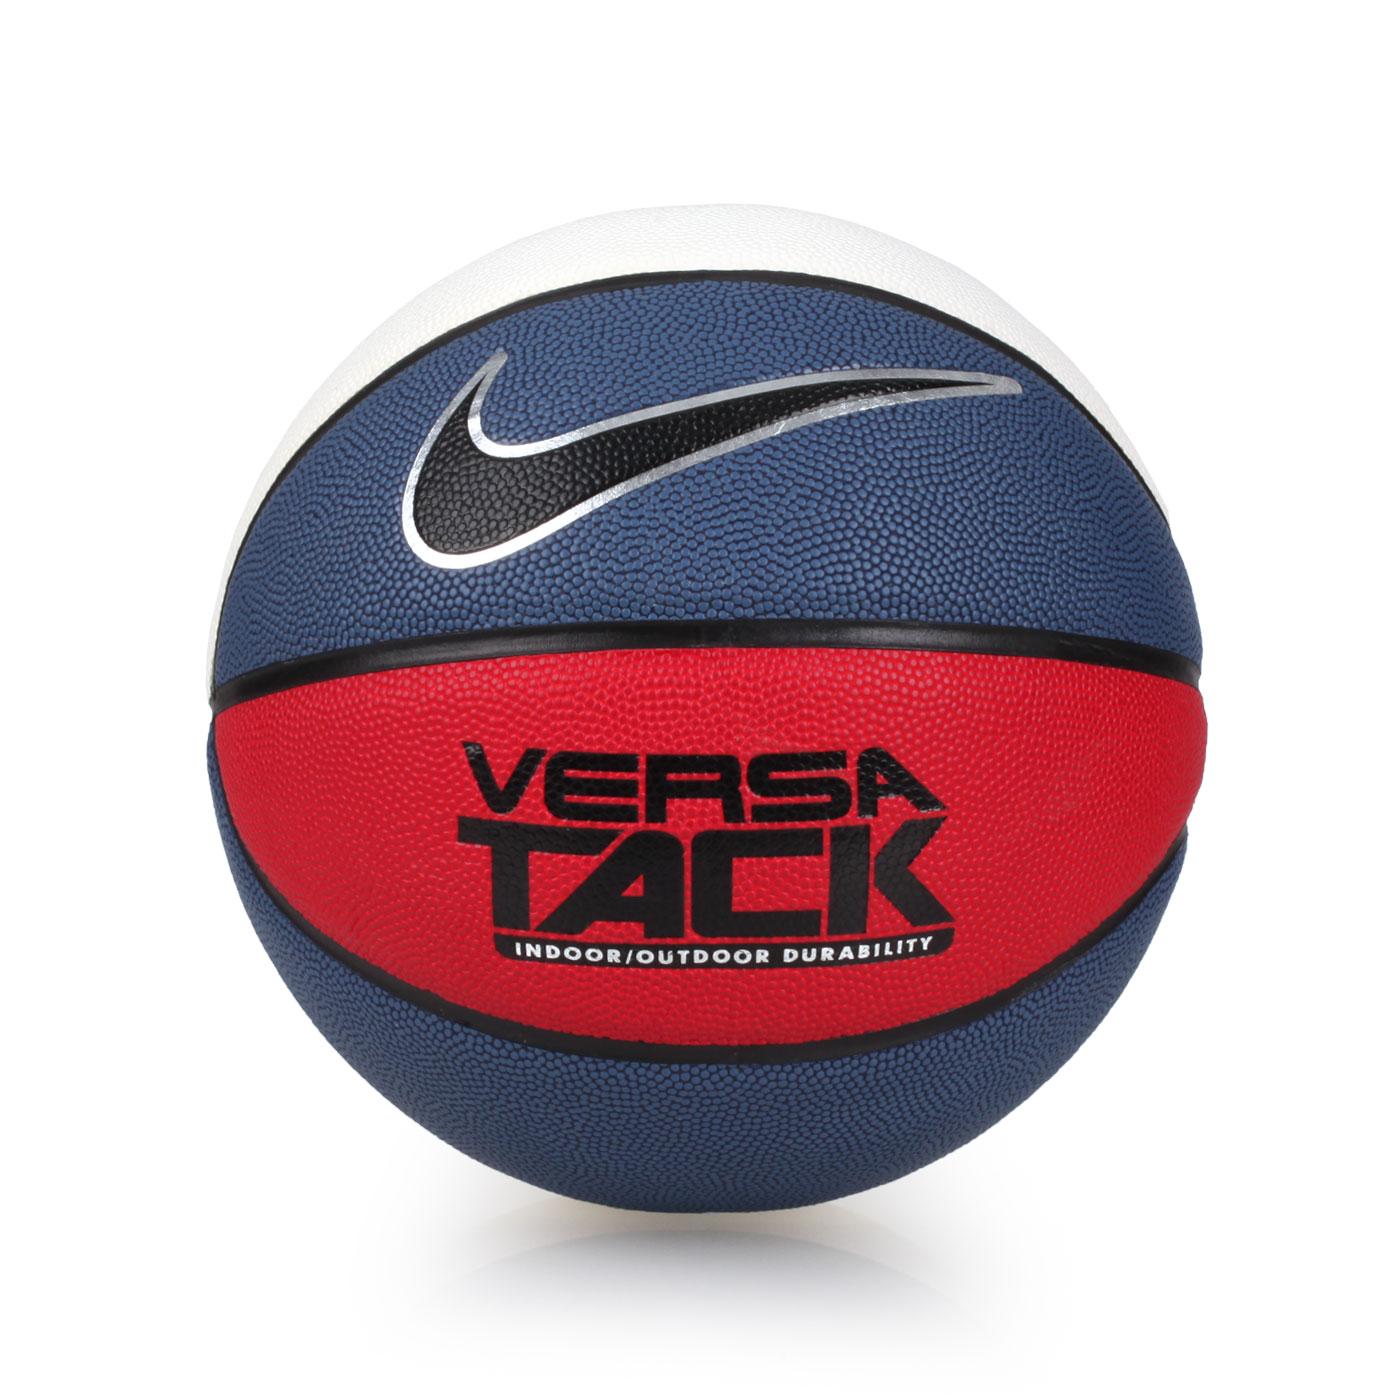 NIKE VERSA TACK 8P 7號籃球 NKI0146307